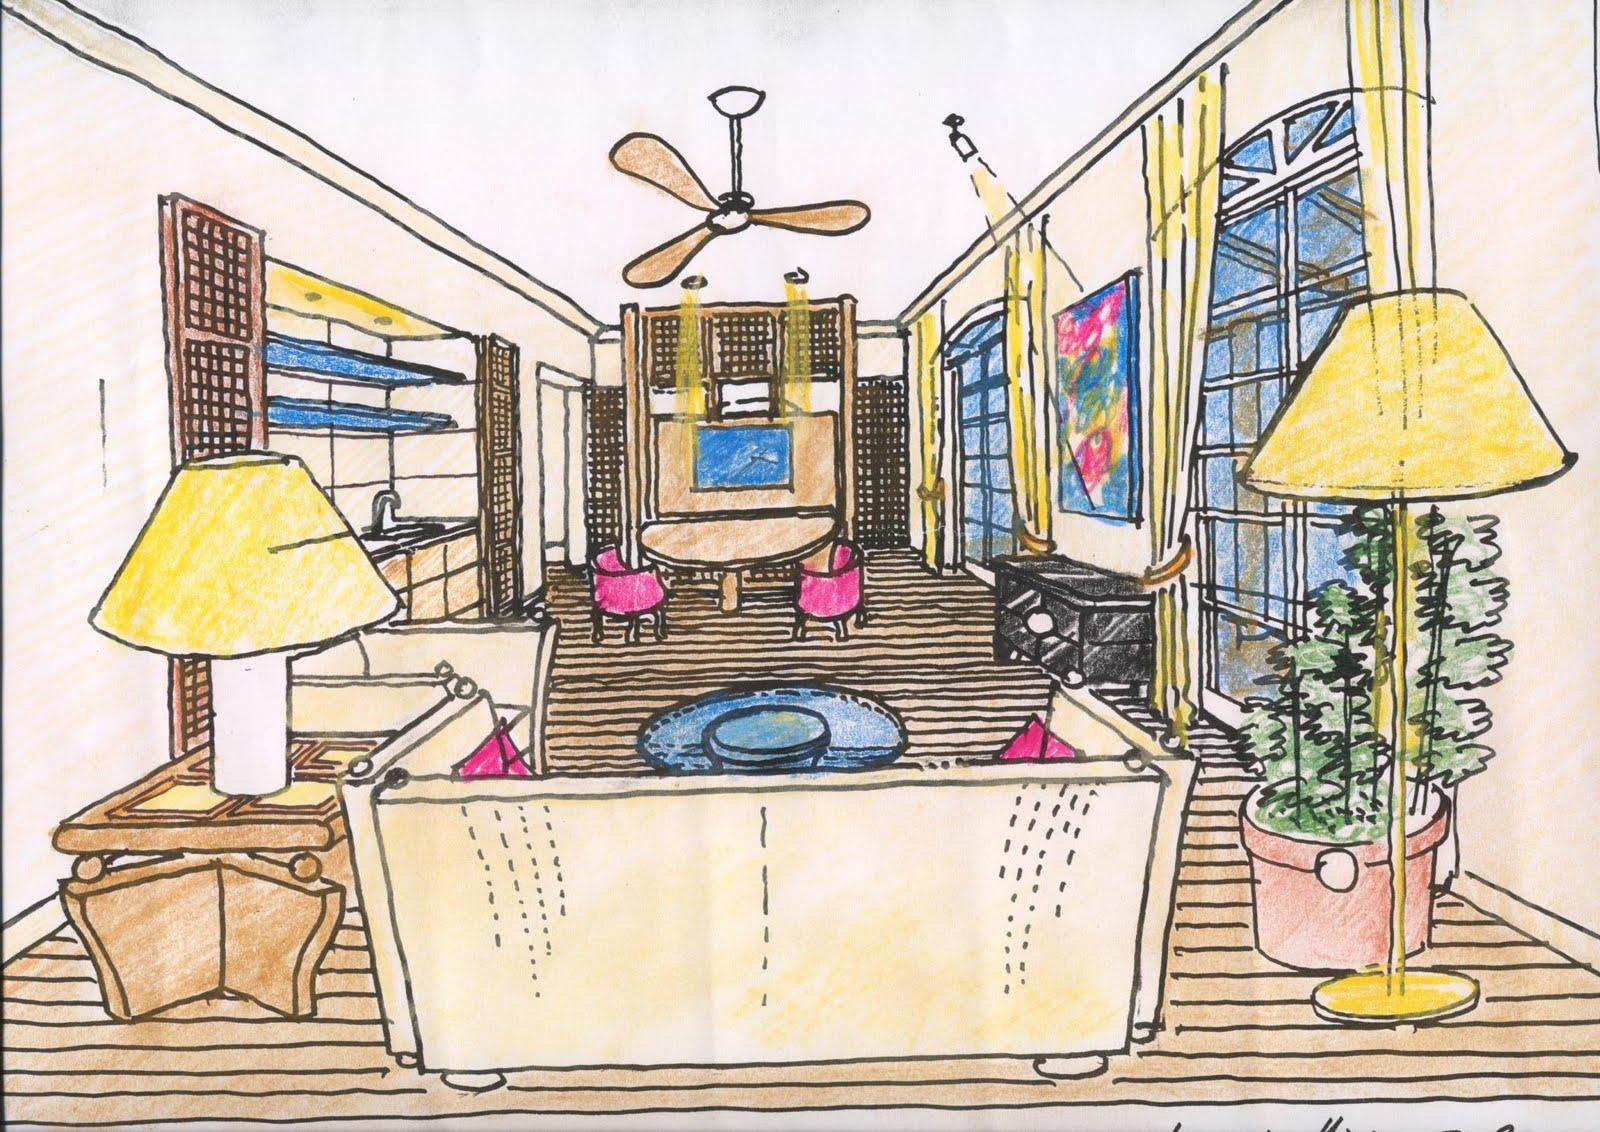 Architetto giusto puri purini maggio 2011 for Disegni di interni